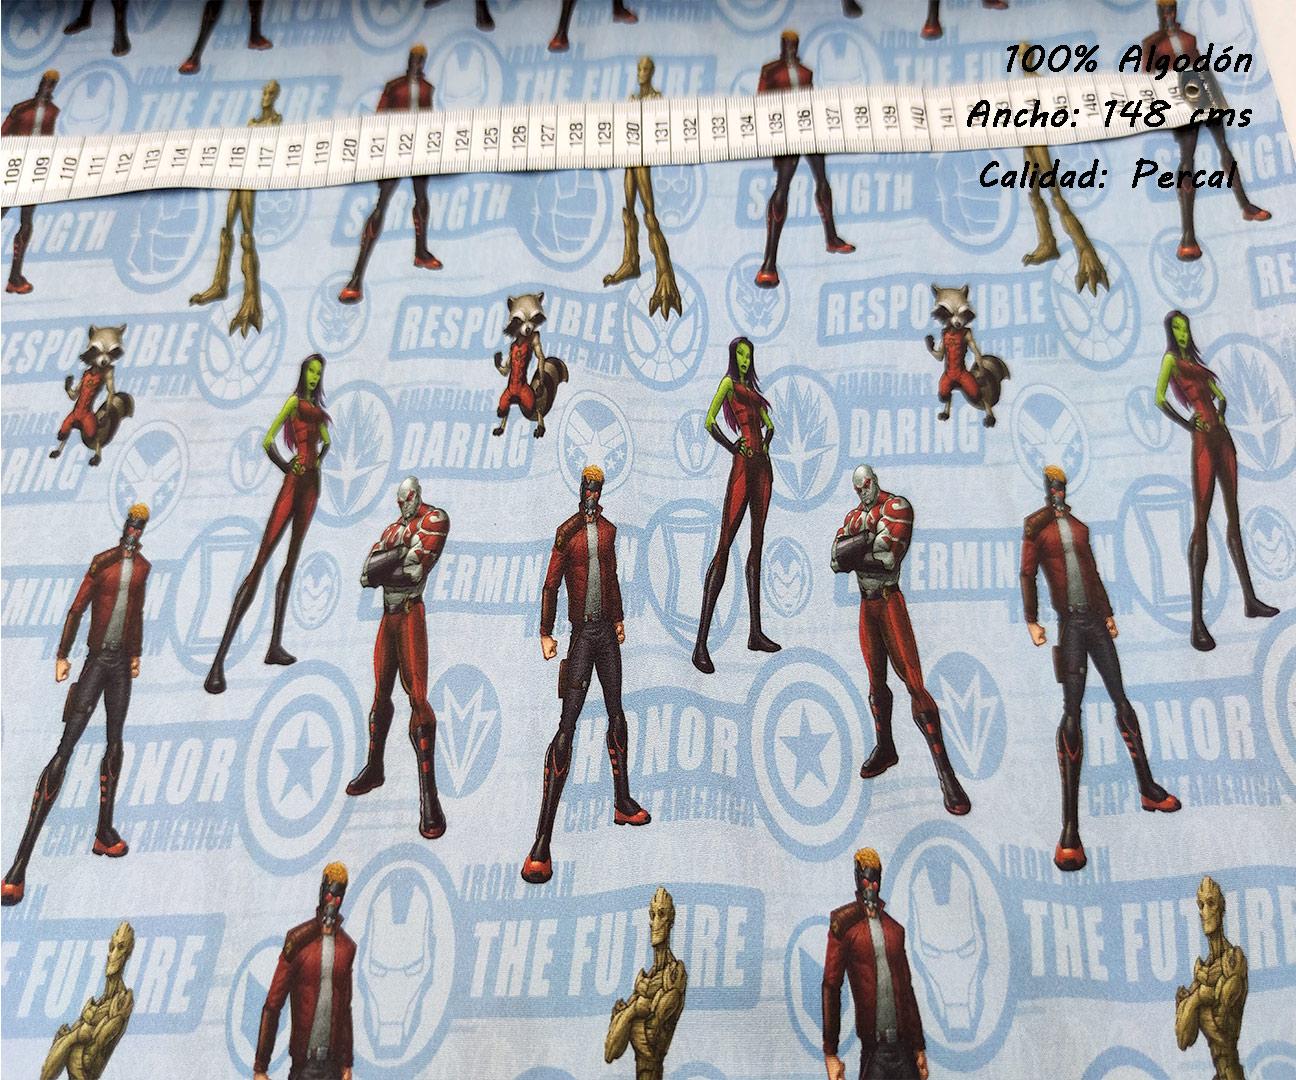 L43-marvel-future-superheroes-americano-tejidos-algodón-estampado-percal,Tejido Estampado Marvel Guardianes de la Galaxia